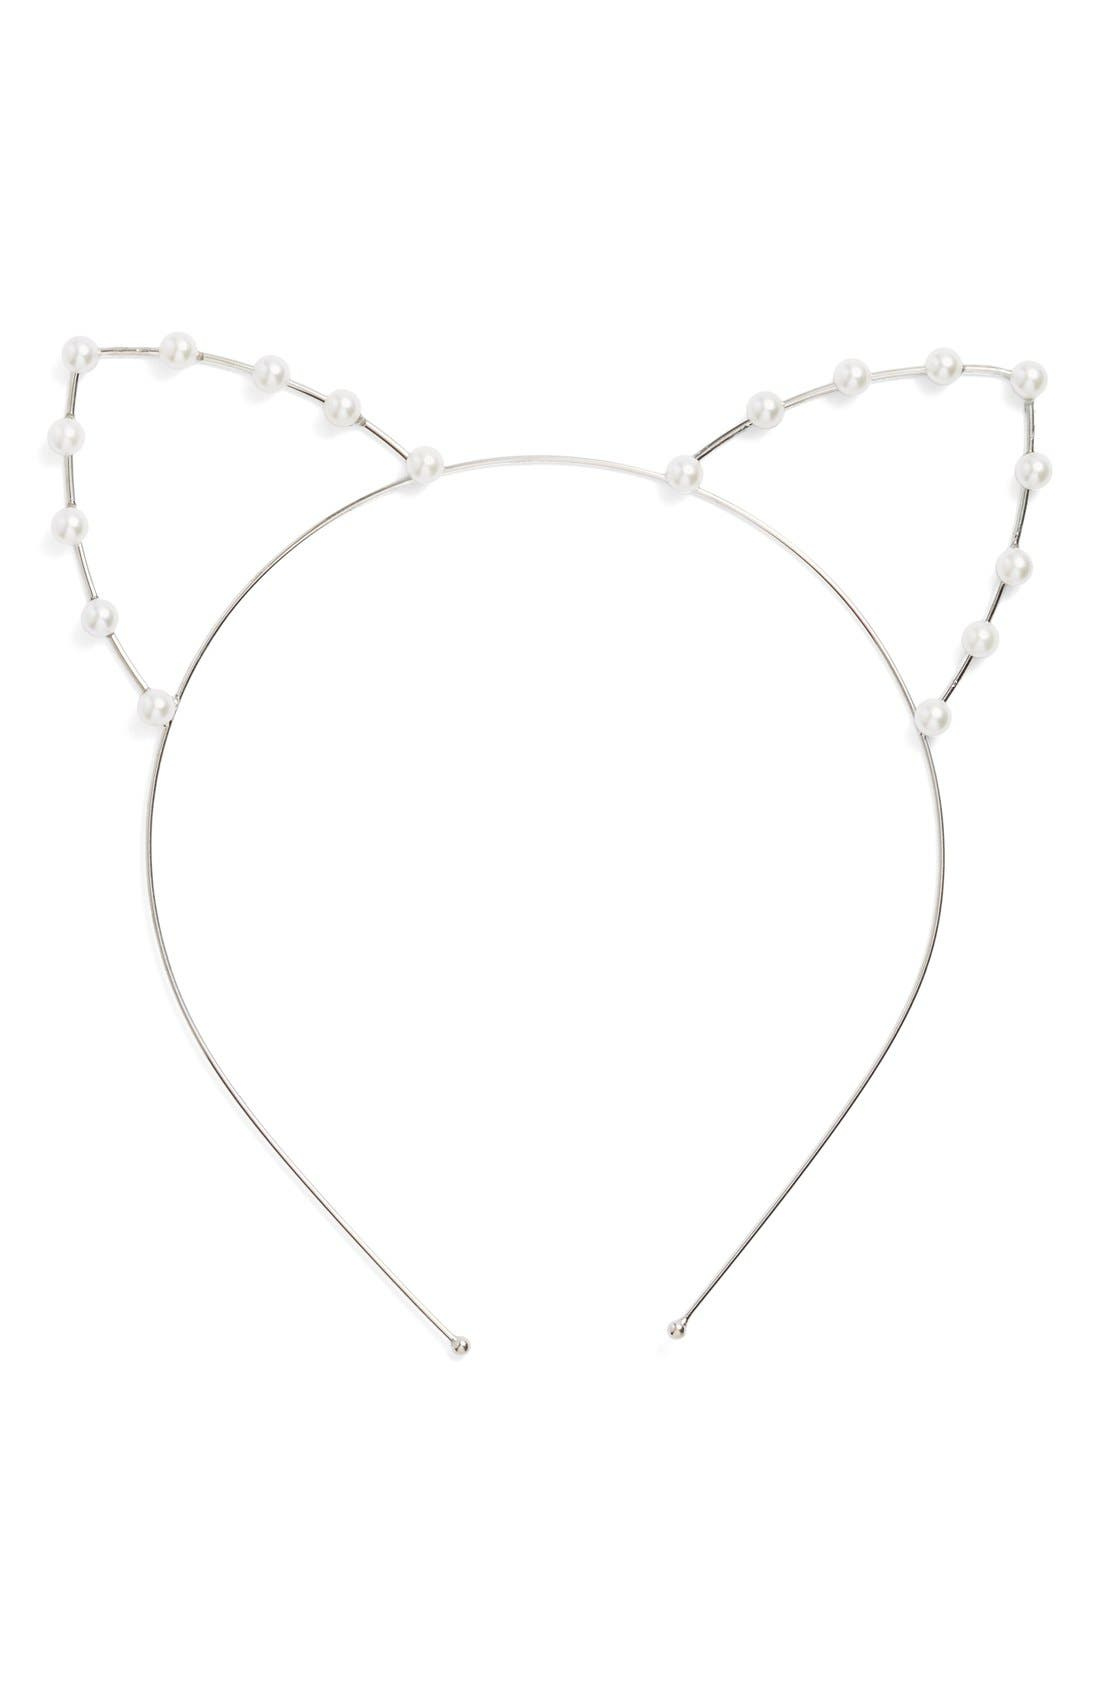 Main Image - Cara Faux Pearl Cat Ear Headband